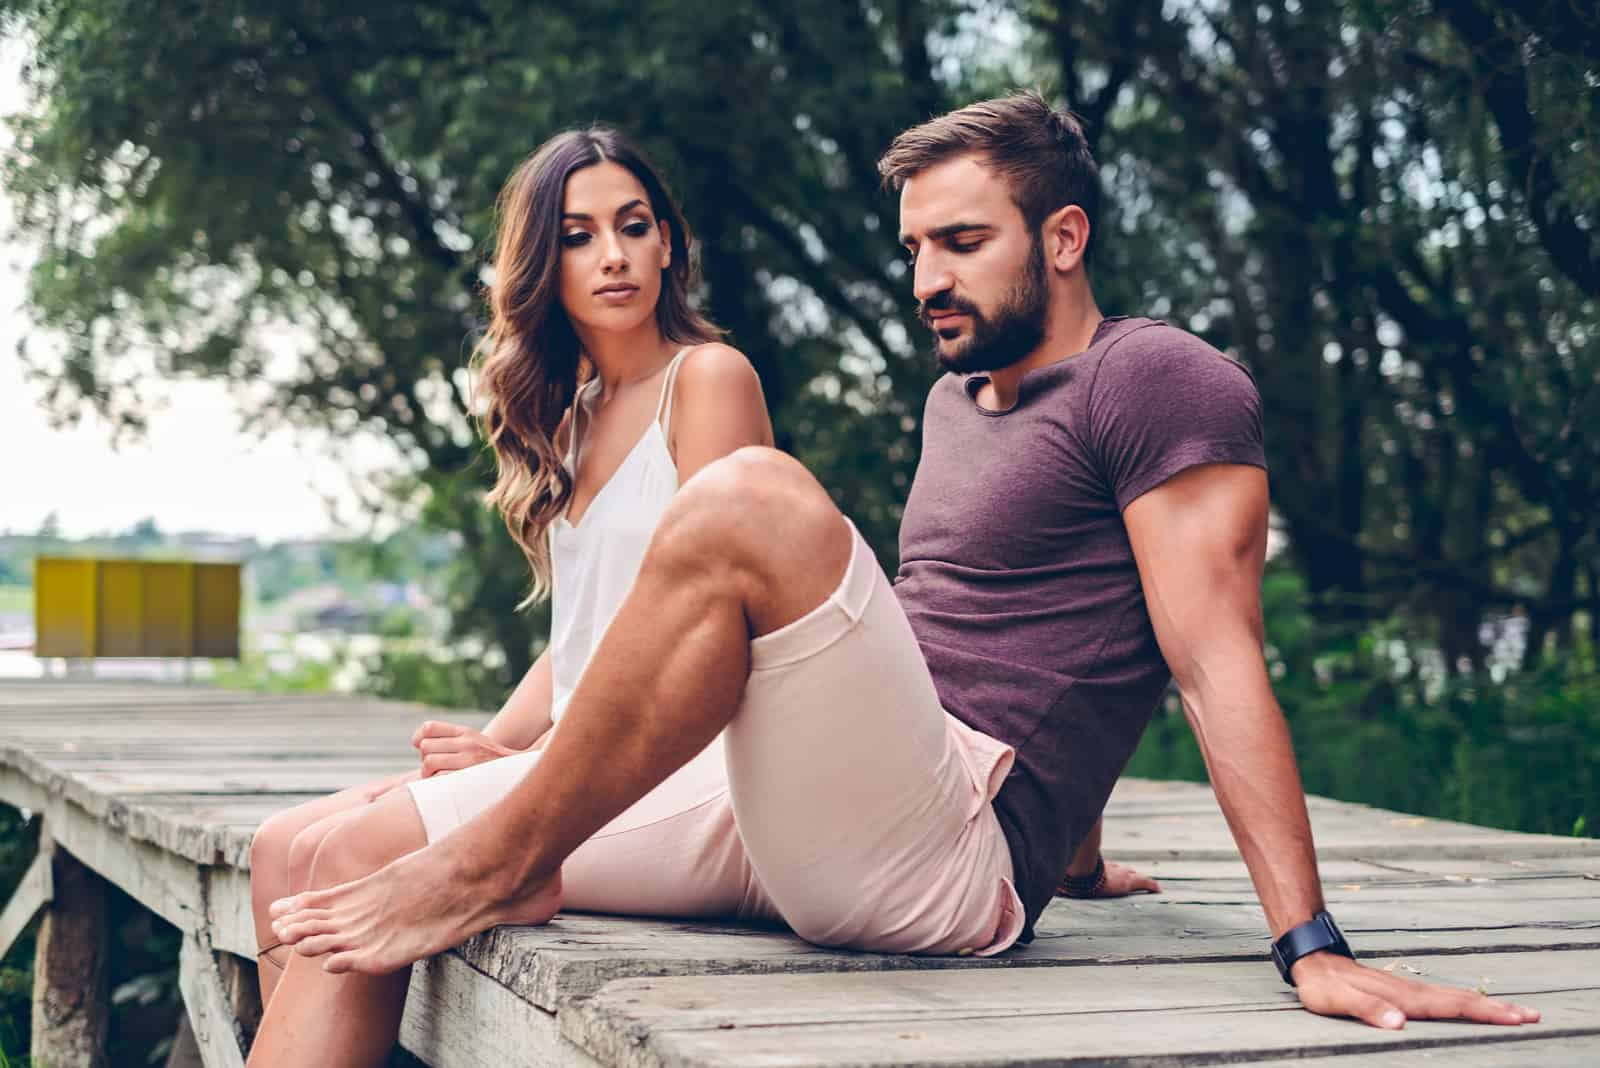 homme sa et femme en robe blanche assis sur un quai